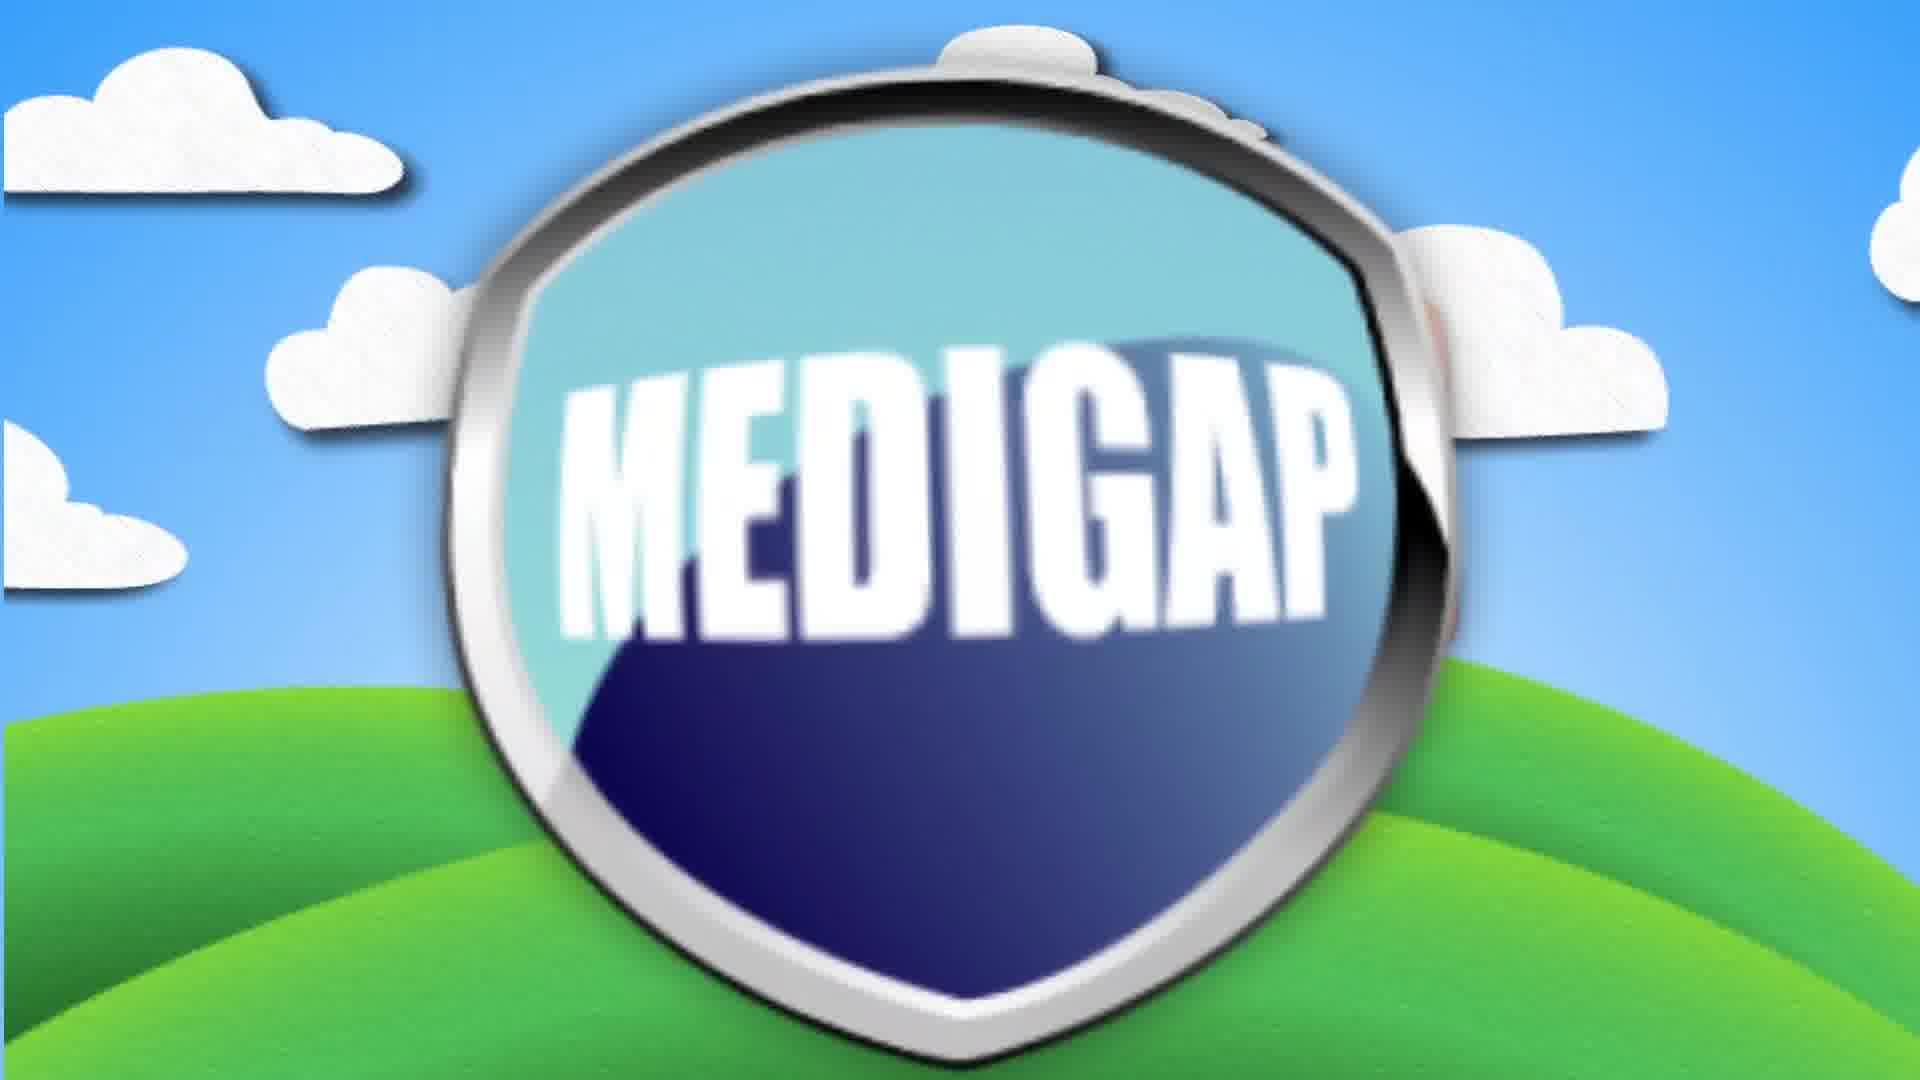 Medigap in South Carolina